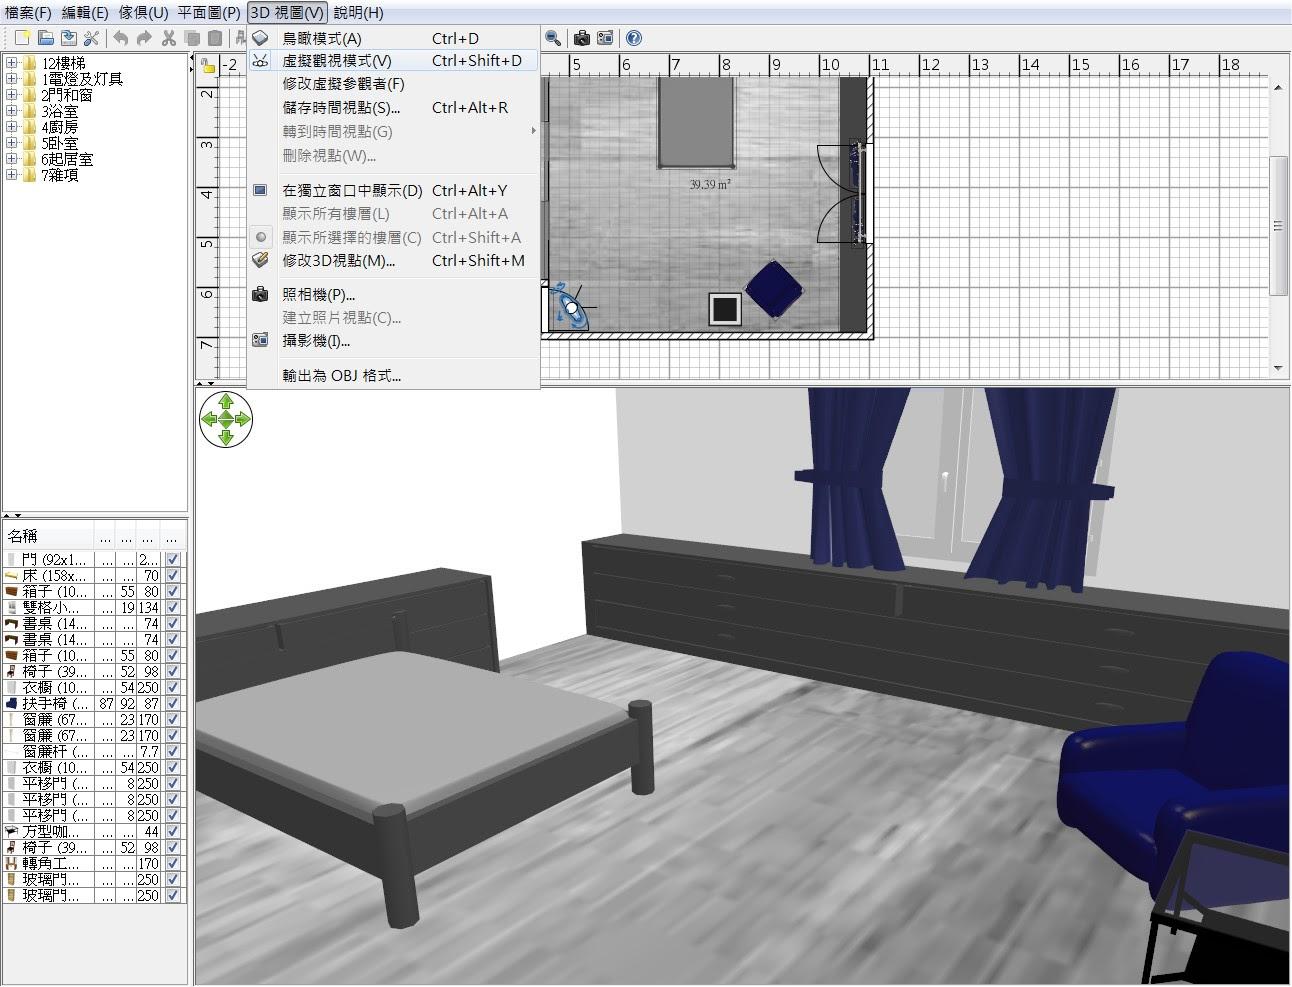 【教學】人人都能輕鬆做出室內設計圖 Sweet Home 3D - GENSIR